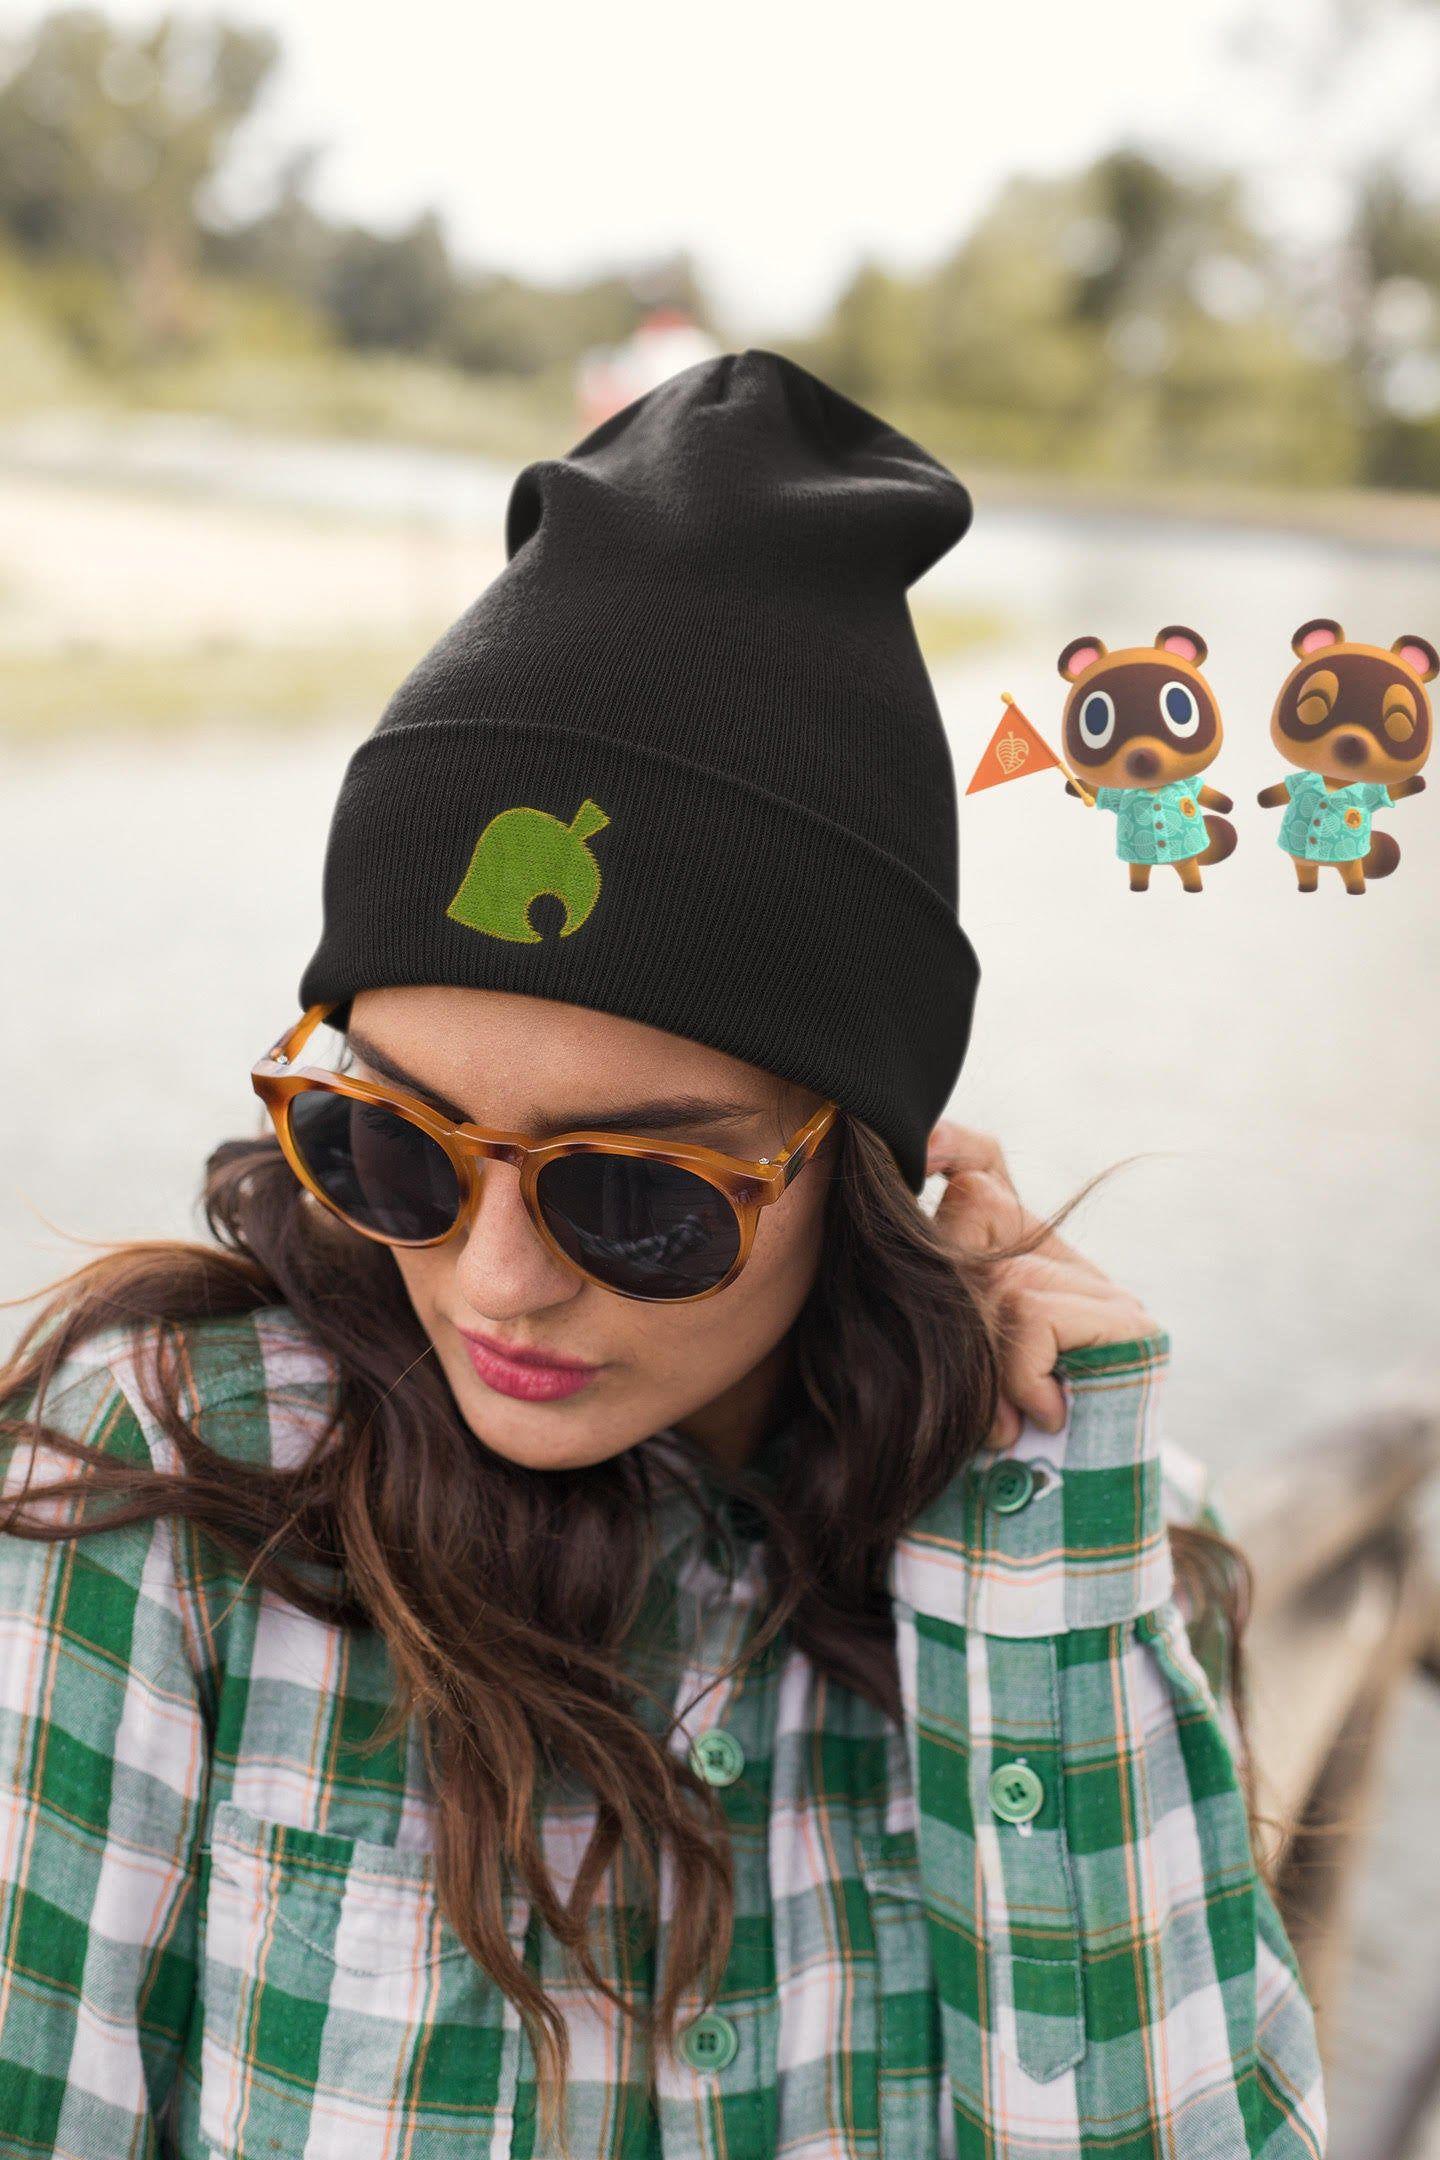 Horizon-t Colorful Unisex 100/% Acrylic Knitting Hat Cap Fashion Beanie Hat